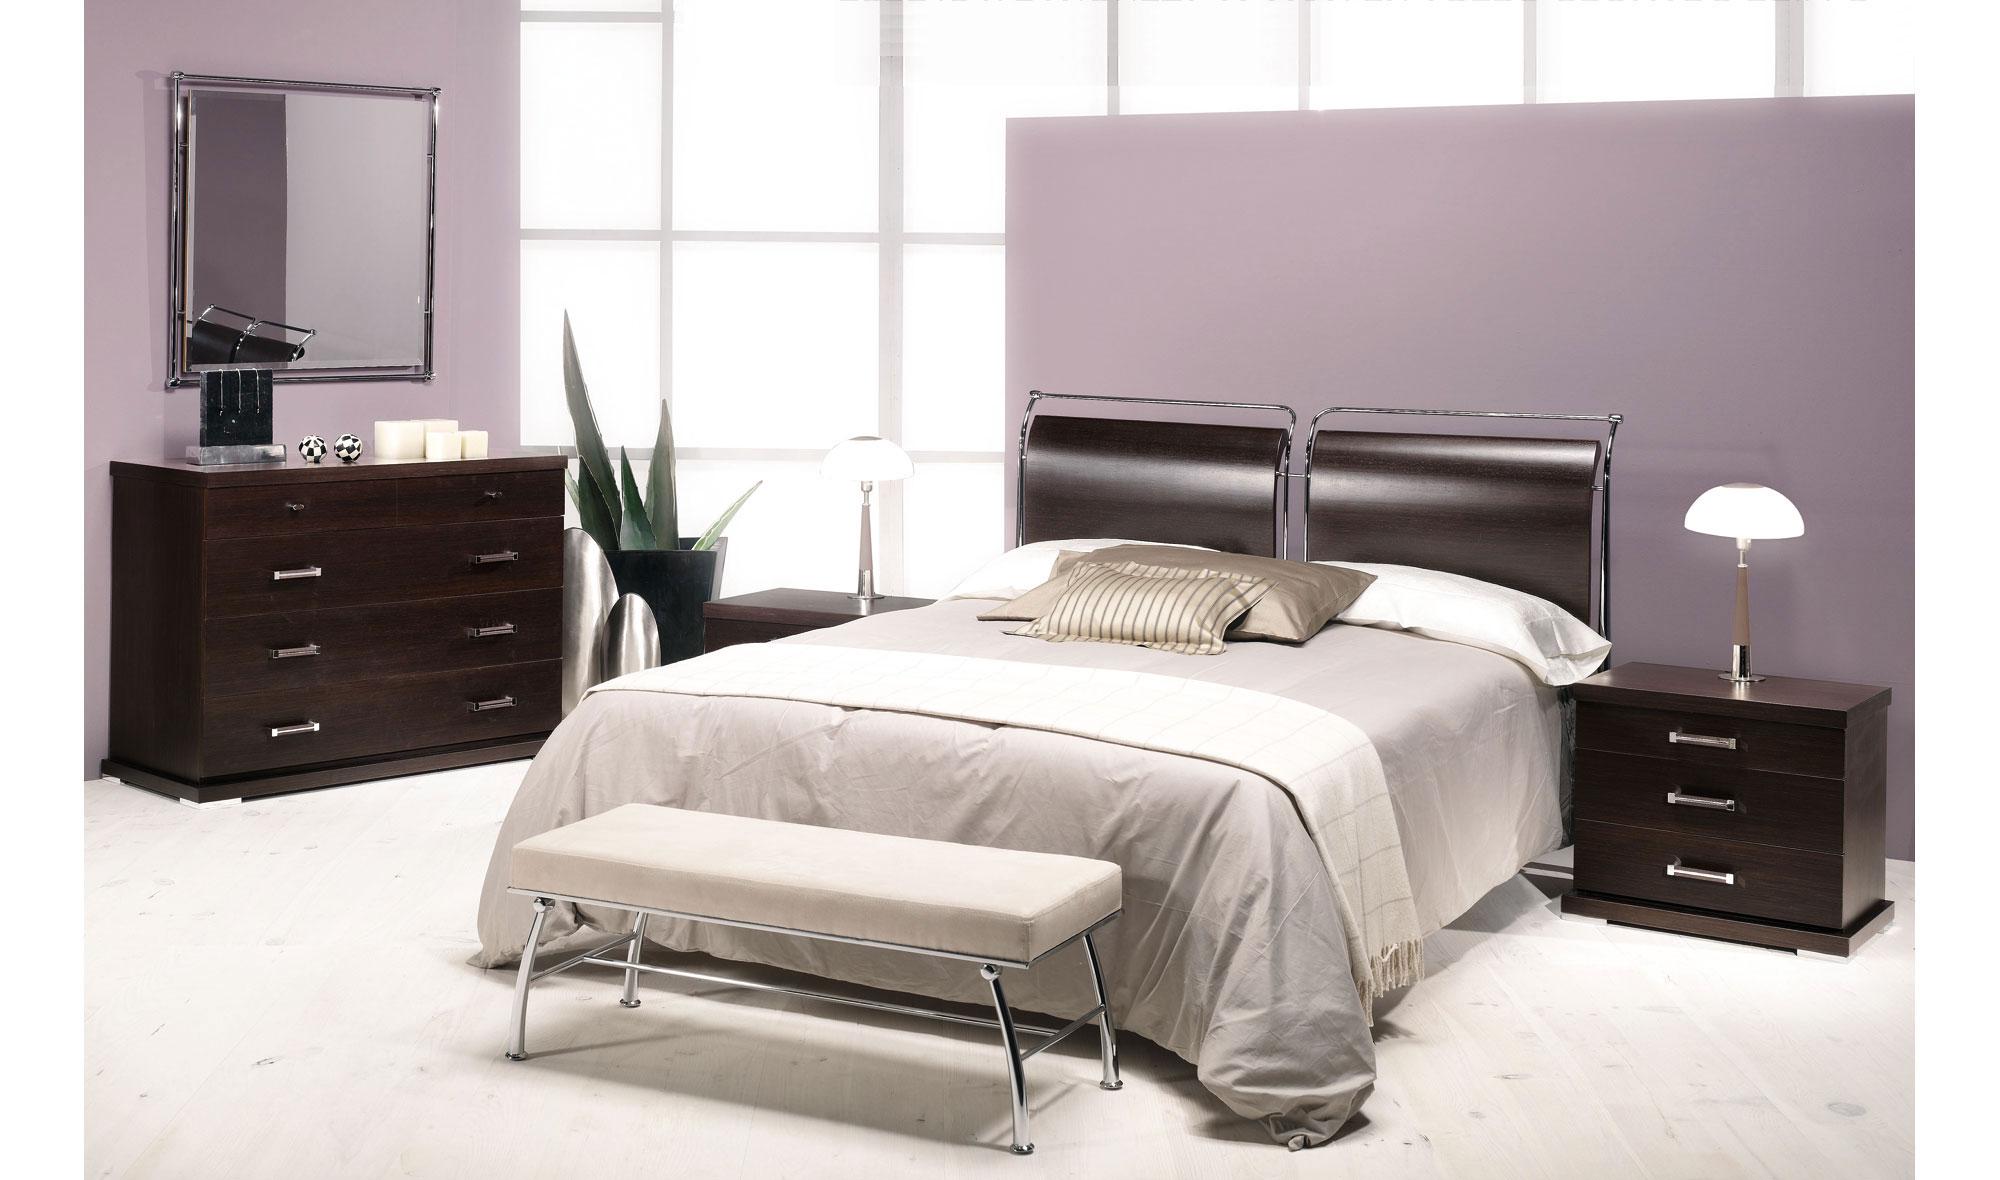 Dormitorio forja tebas no disponible en - Muebles de forja ...